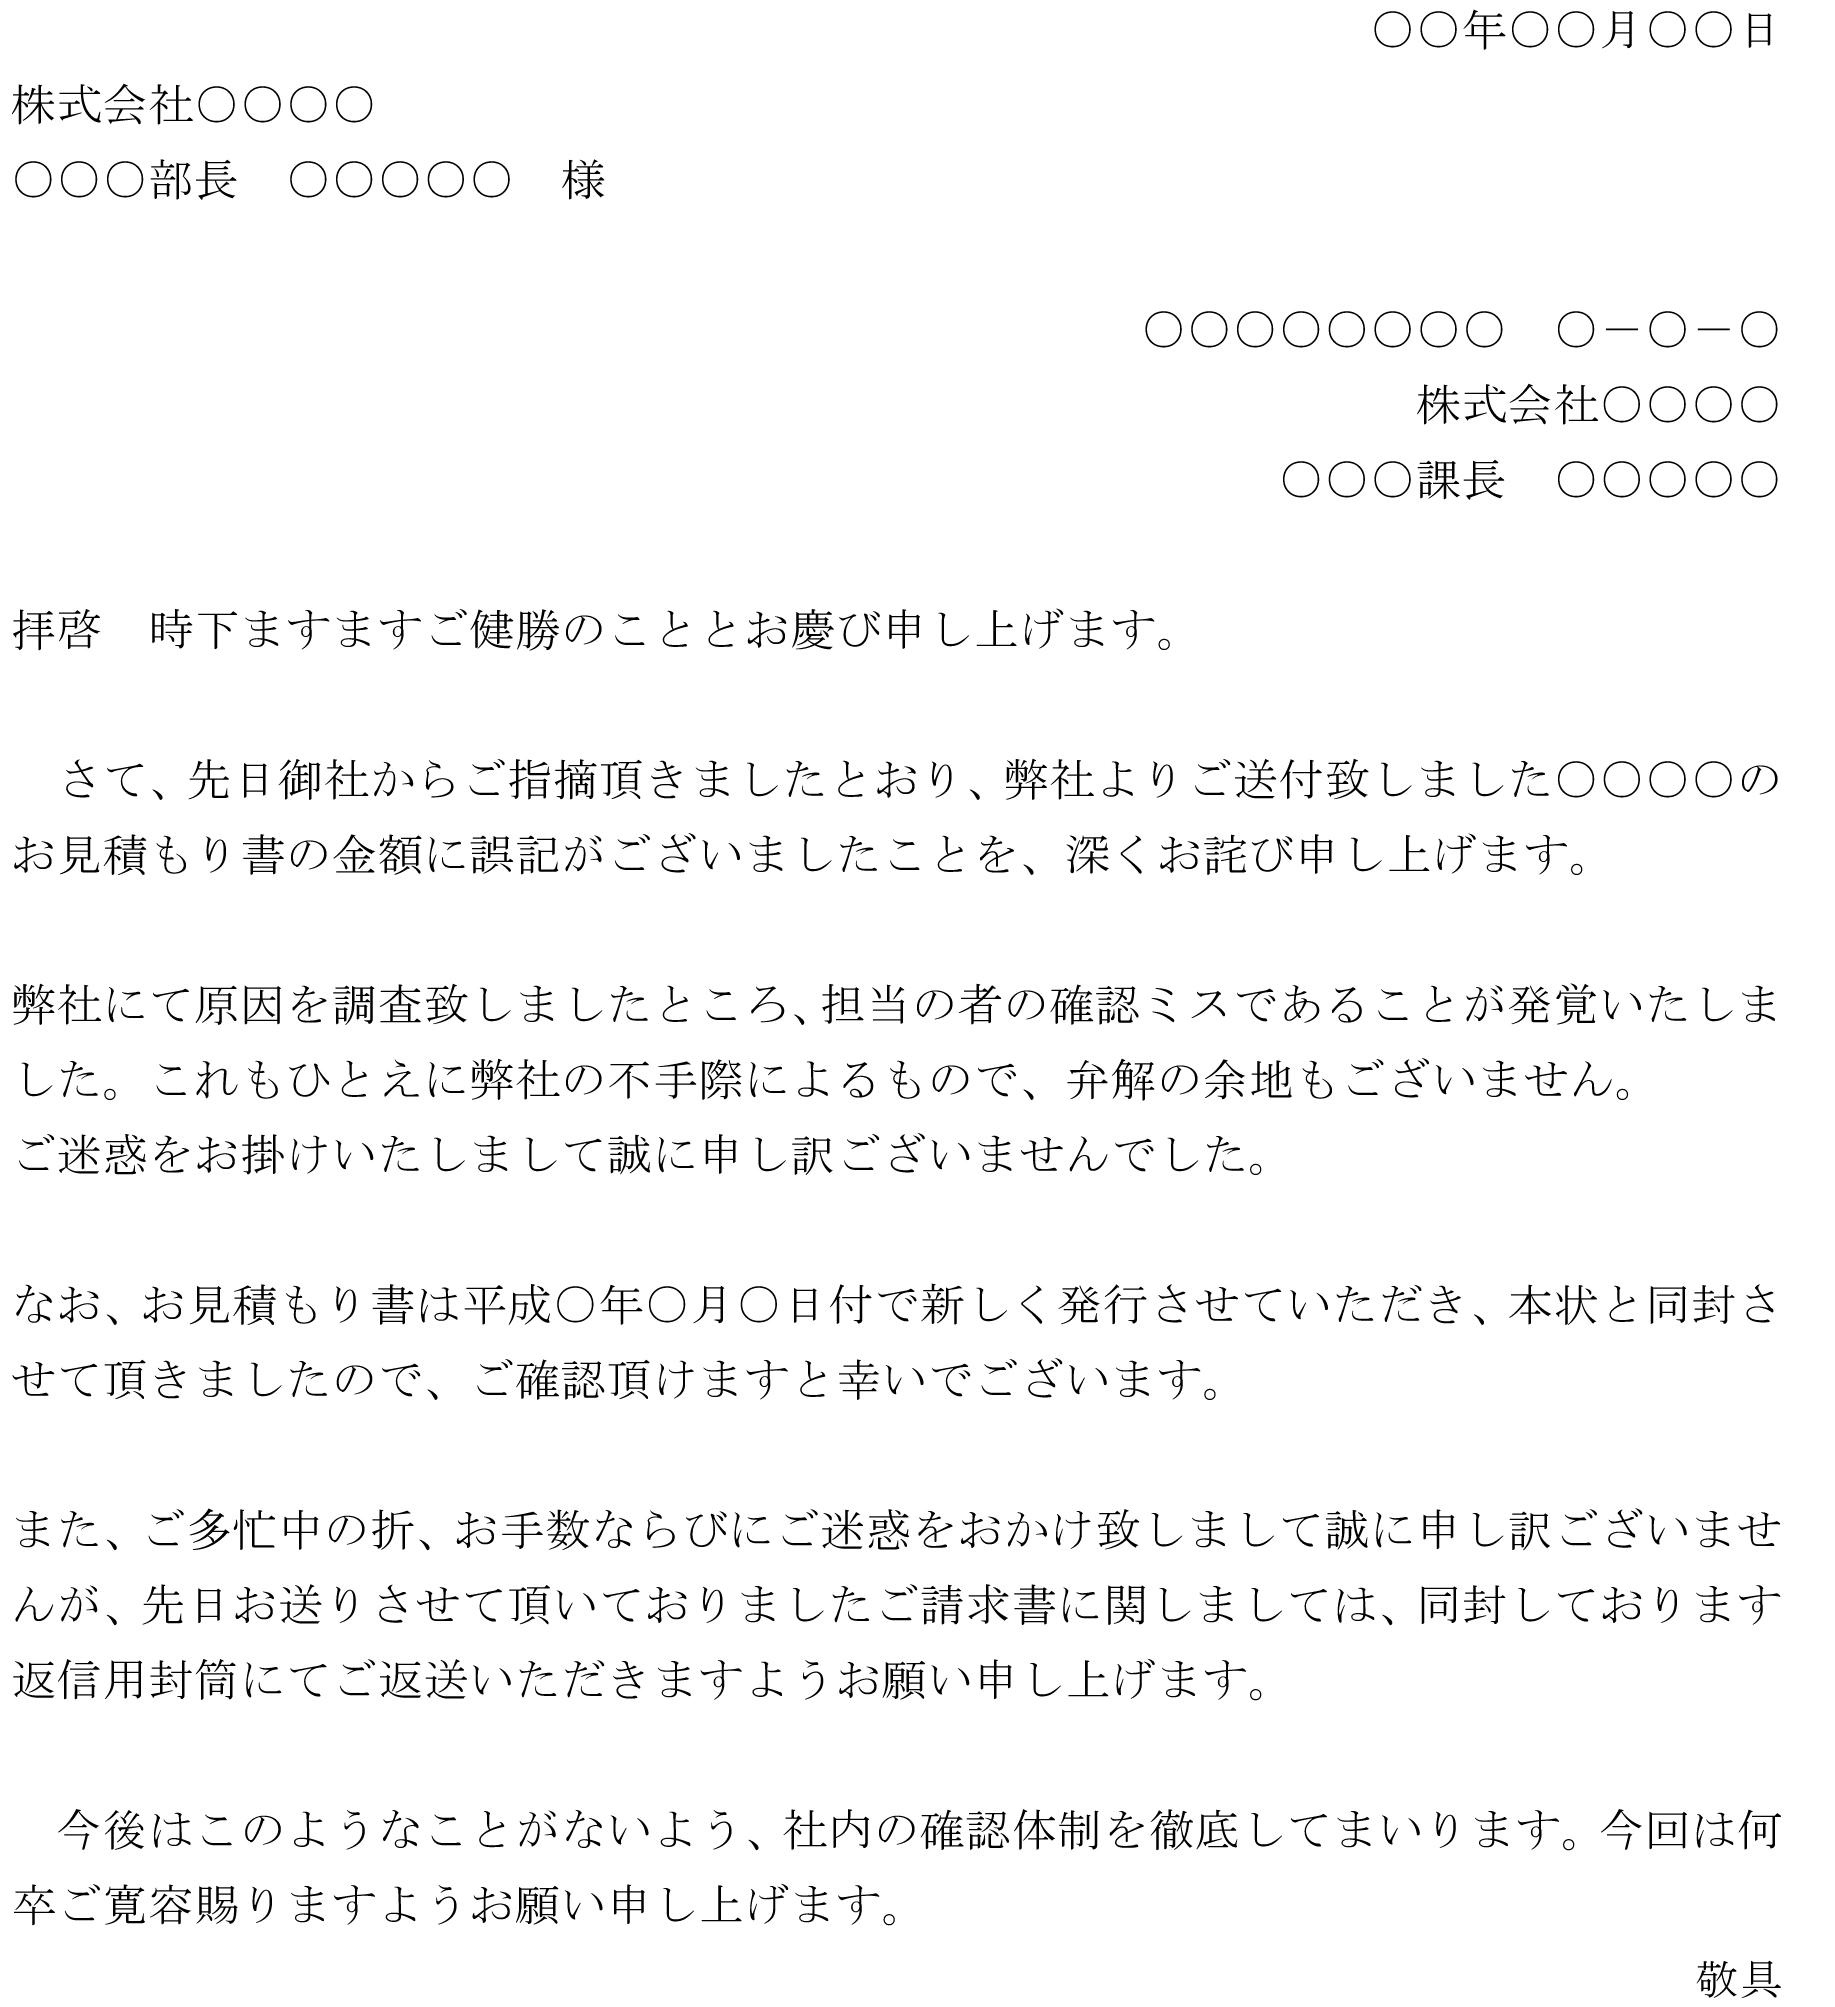 お詫び状(お見積書金額の誤記載)_4